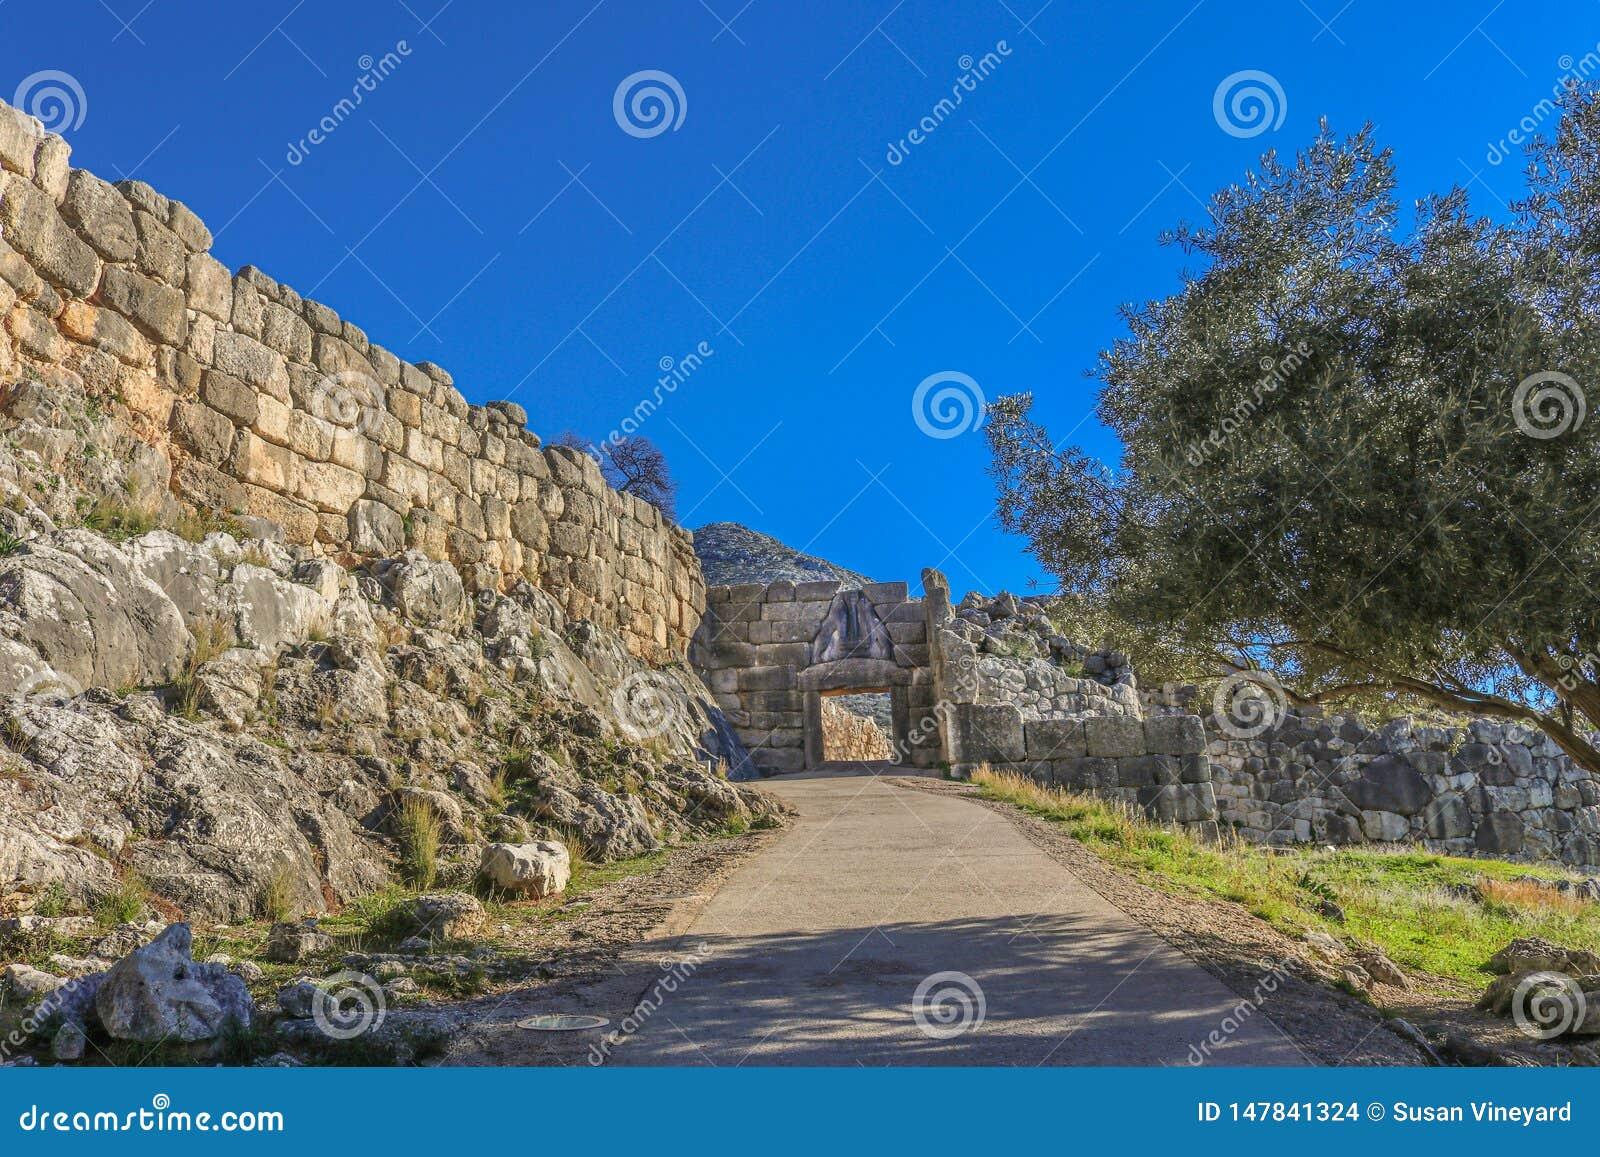 Взгляд ворот львов на старом Mycenae Греции от вниз холма показывая тротуар - затеняемый оливковым деревом - водя до конца